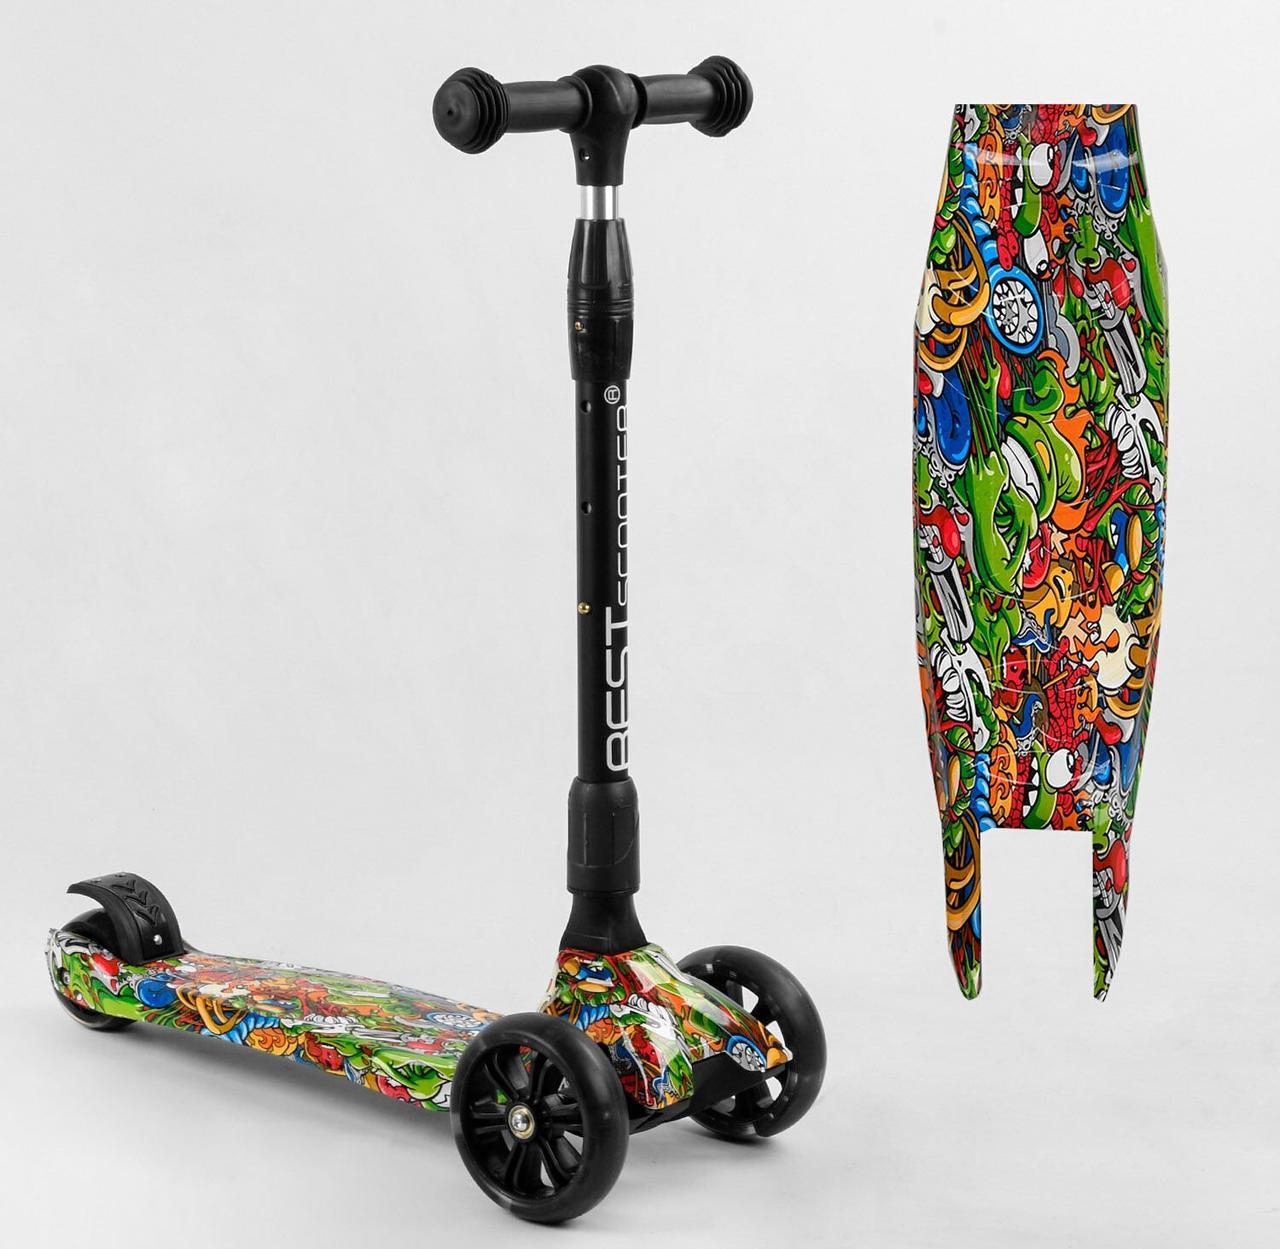 Детский самокат три колеса, усиленная рама, полиуретановые колеса светятся  Best Scooter 46-009 MAXI